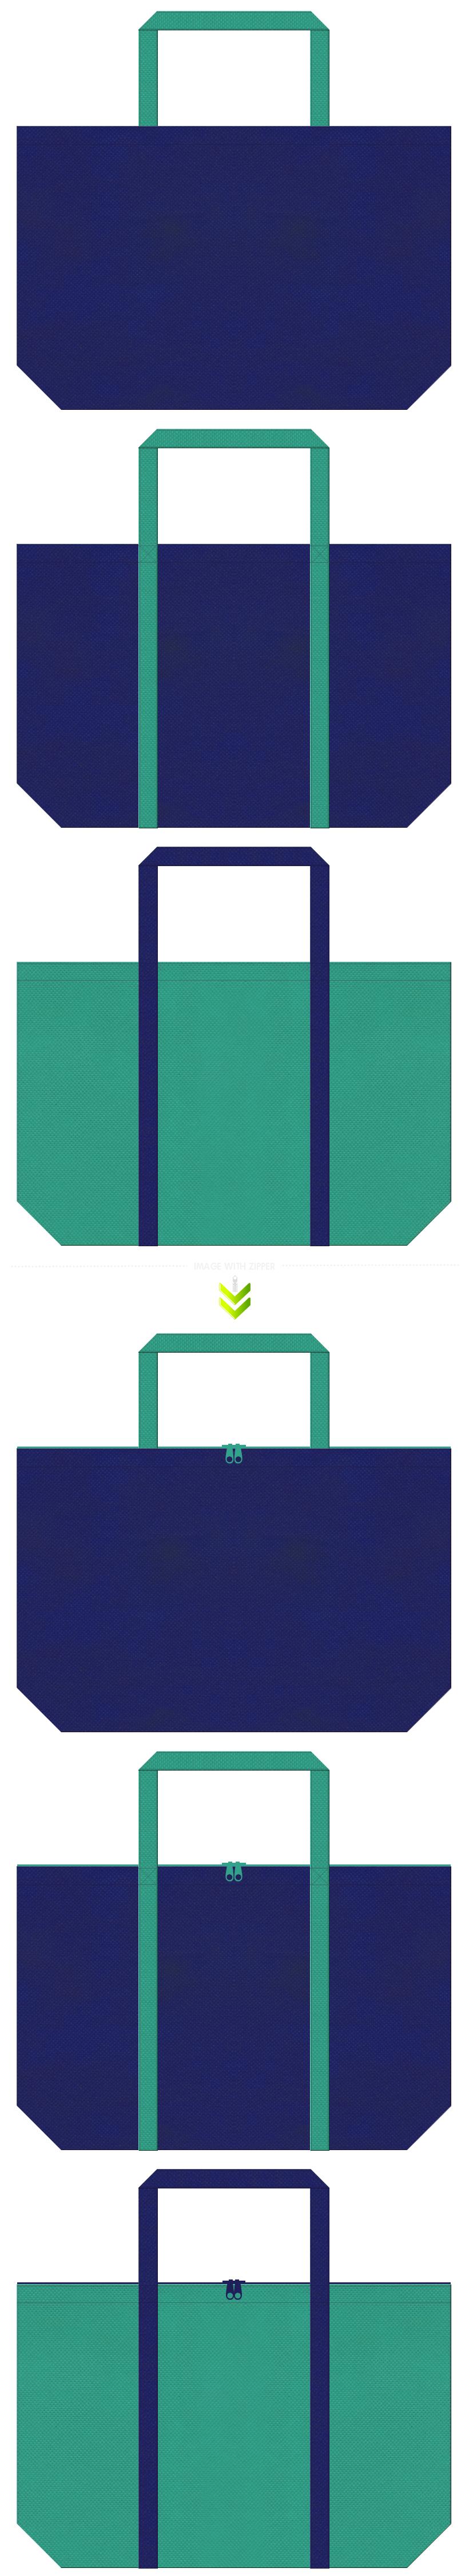 春夏・マリンルック・リーフ・ダイビング・釣具・ユニフォーム・運動靴・アウトドア・スポーツイベント・スポーティーファッション・スポーツ用品のショッピングバッグ・ランドリーバッグにお奨めの不織布バッグデザイン:明るい紺色と青緑色のコーデ